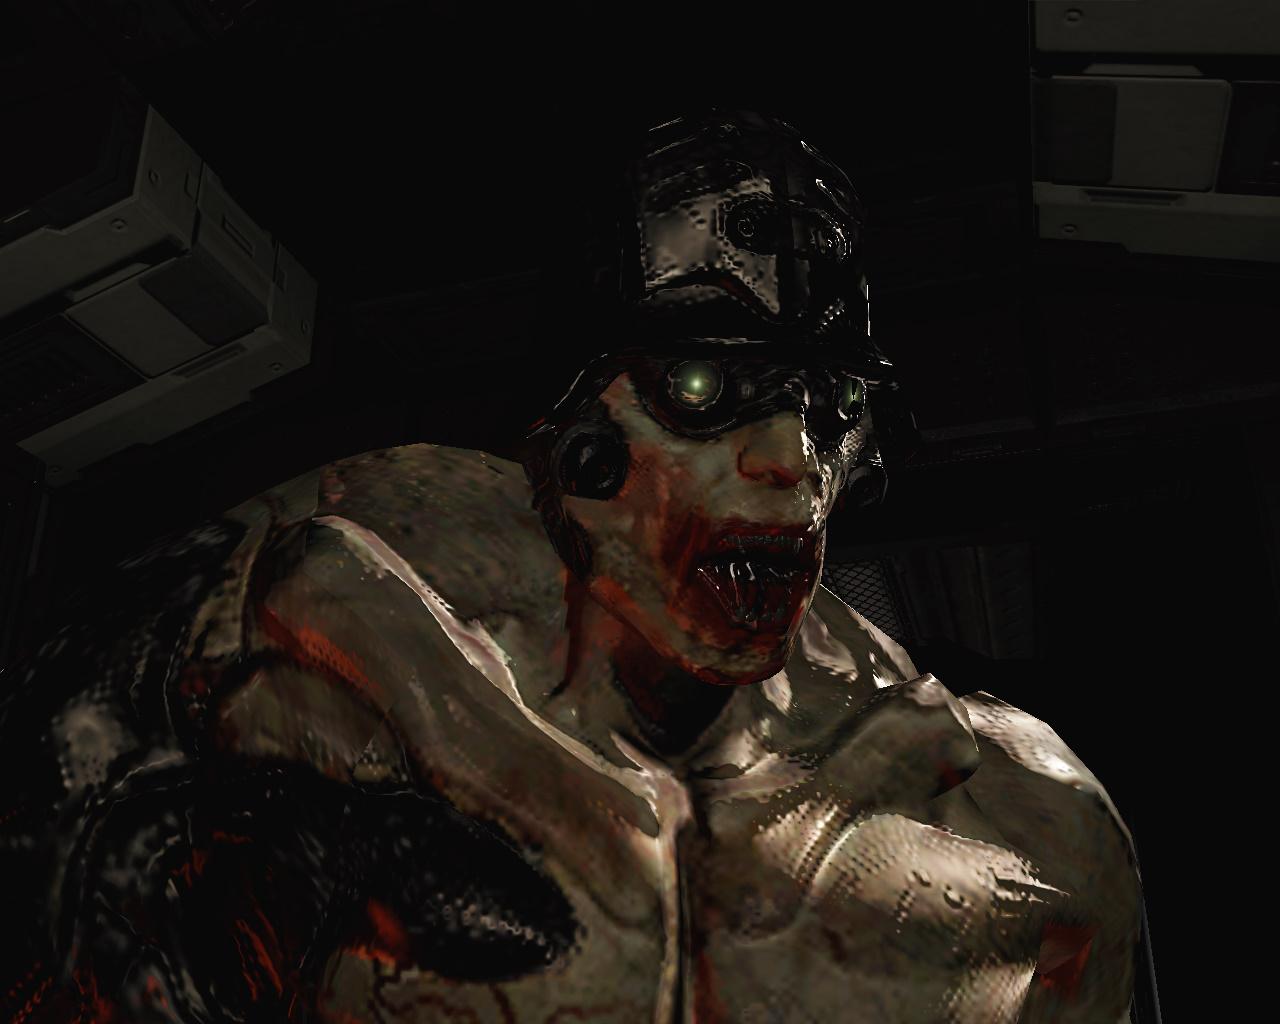 d3ahd 2016-04-12 20-48-19-616.jpg - Doom 3